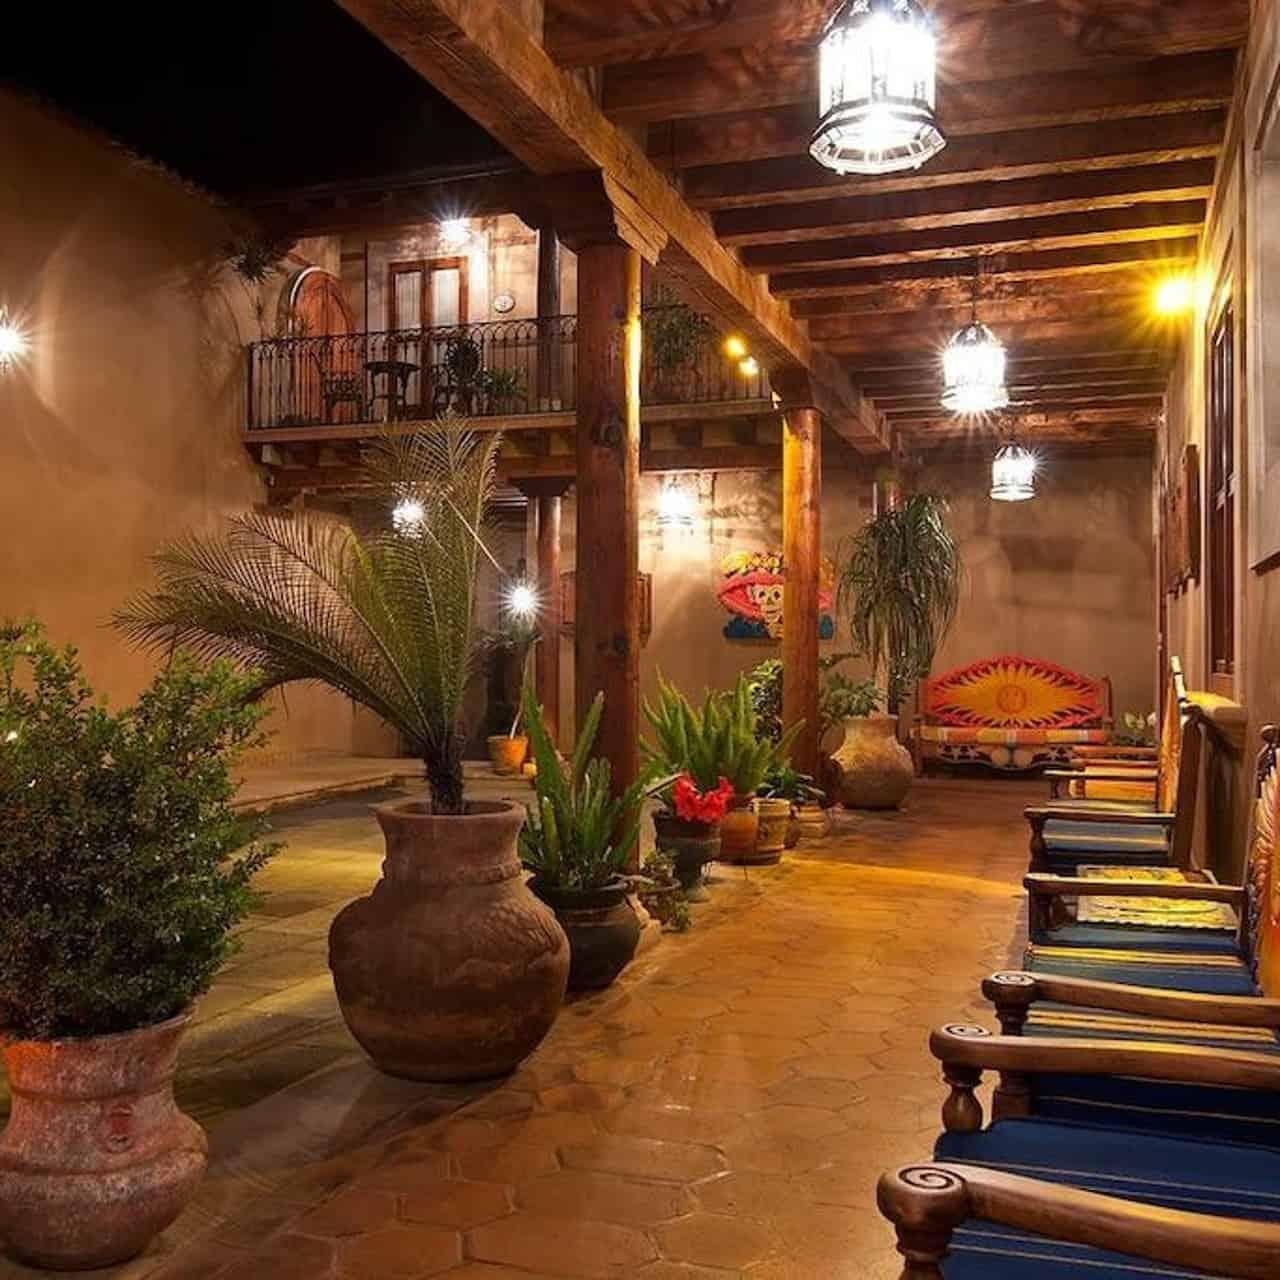 Hotel Mansión de los sueños. Foto: HRS